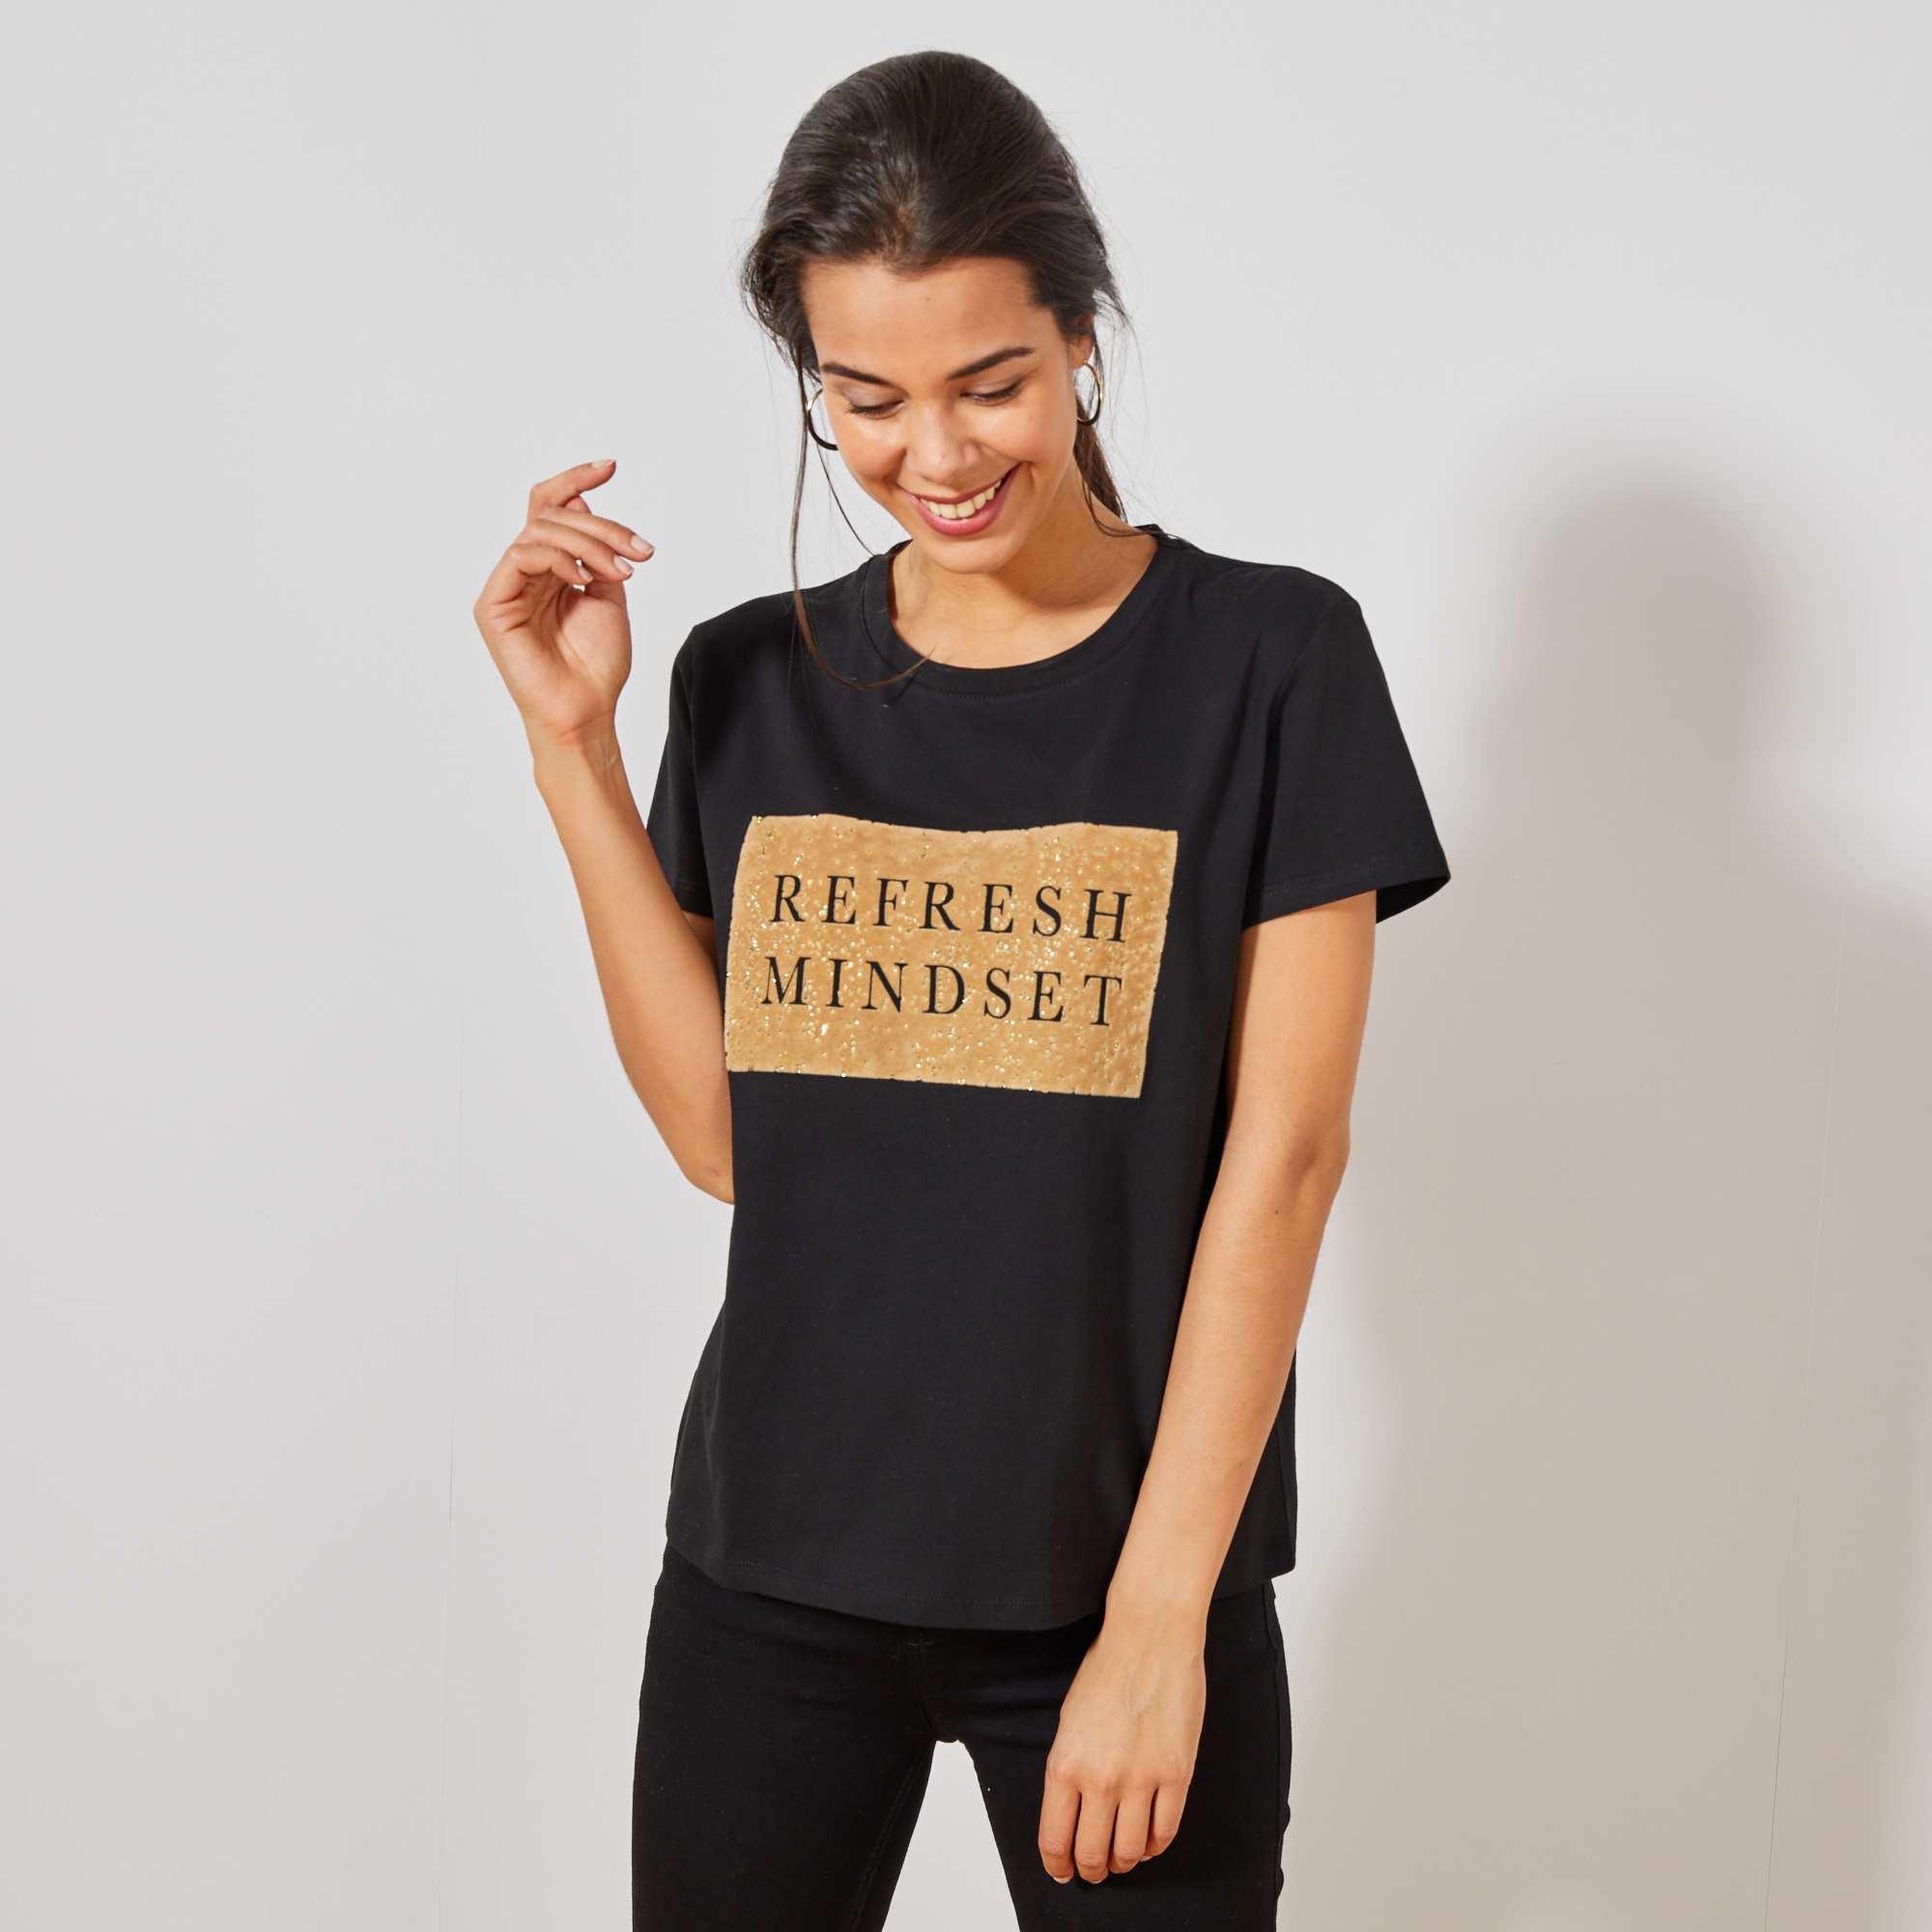 4af75debf Camiseta Moteada De Algodón Puro Joven Niño. 2000 x 2000. Camiseta De  Algod  243 n Puro Con Parche De Terciopelo Mujer